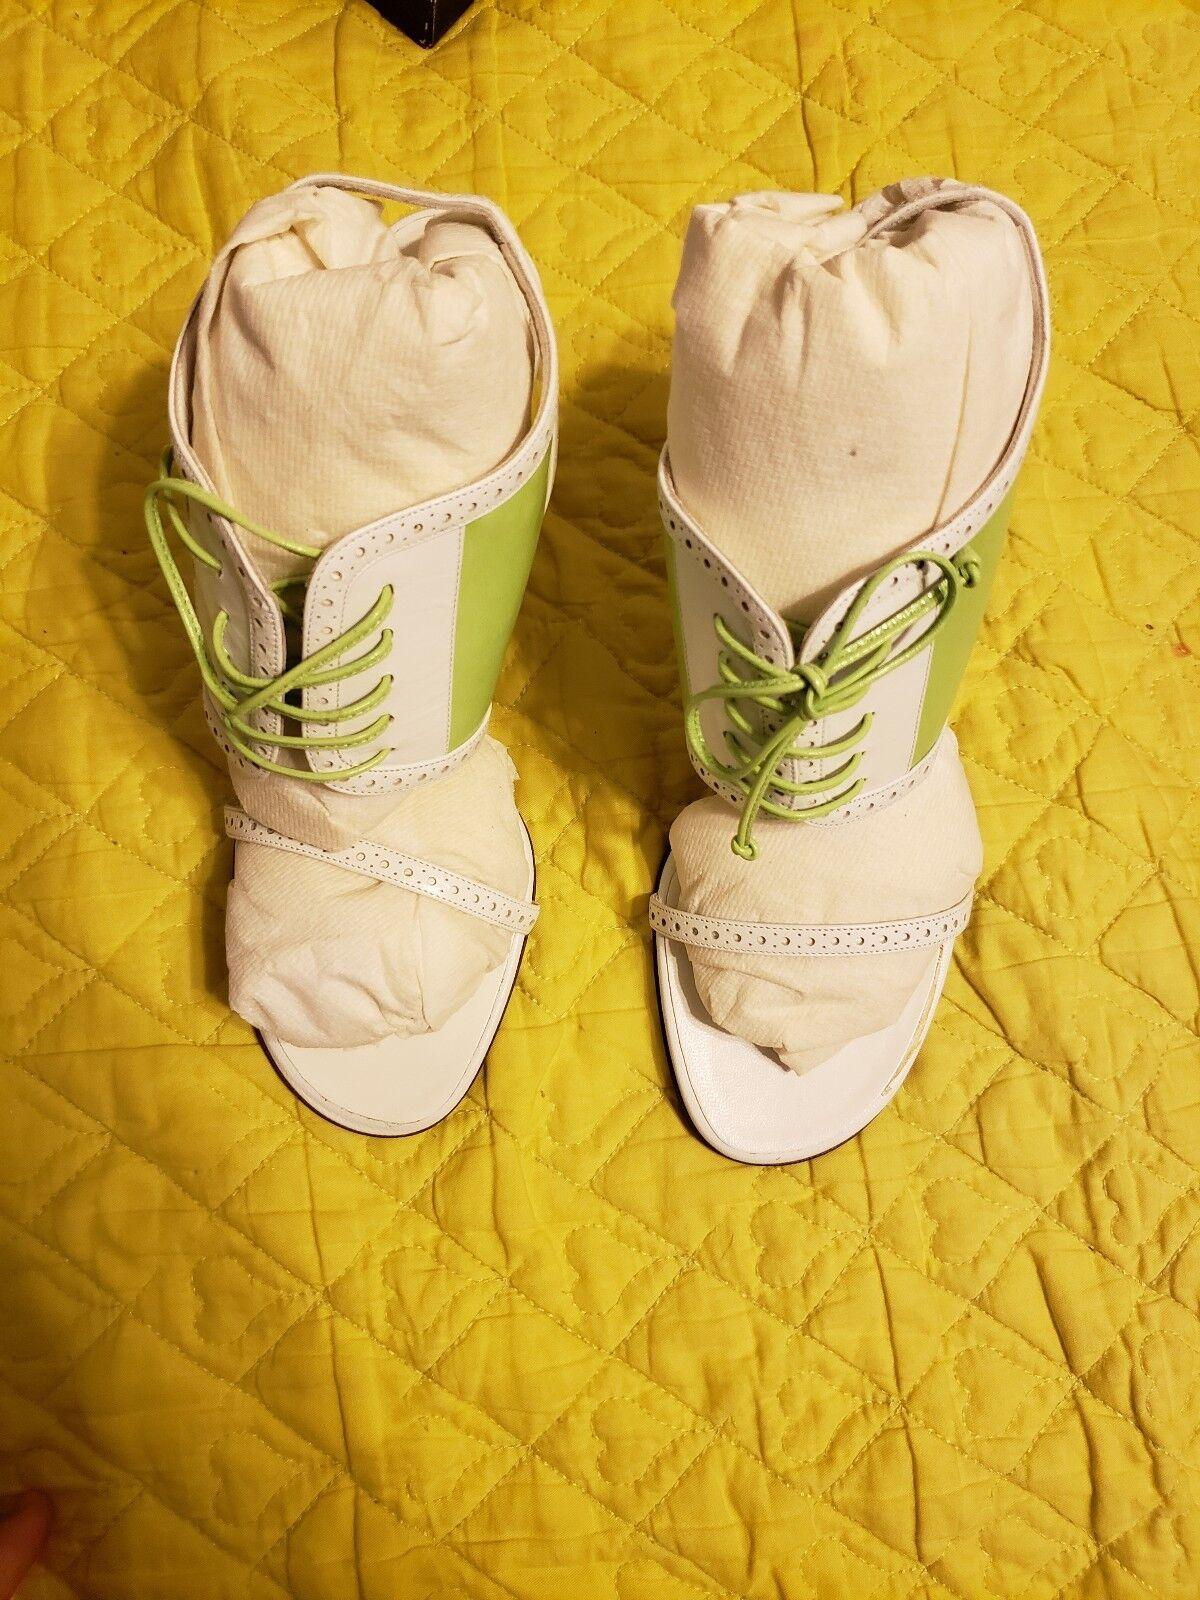 Ralph Ralph Ralph Lauren Collection Heels Elma Green w  White Baby Calf size 8 B  ad3379